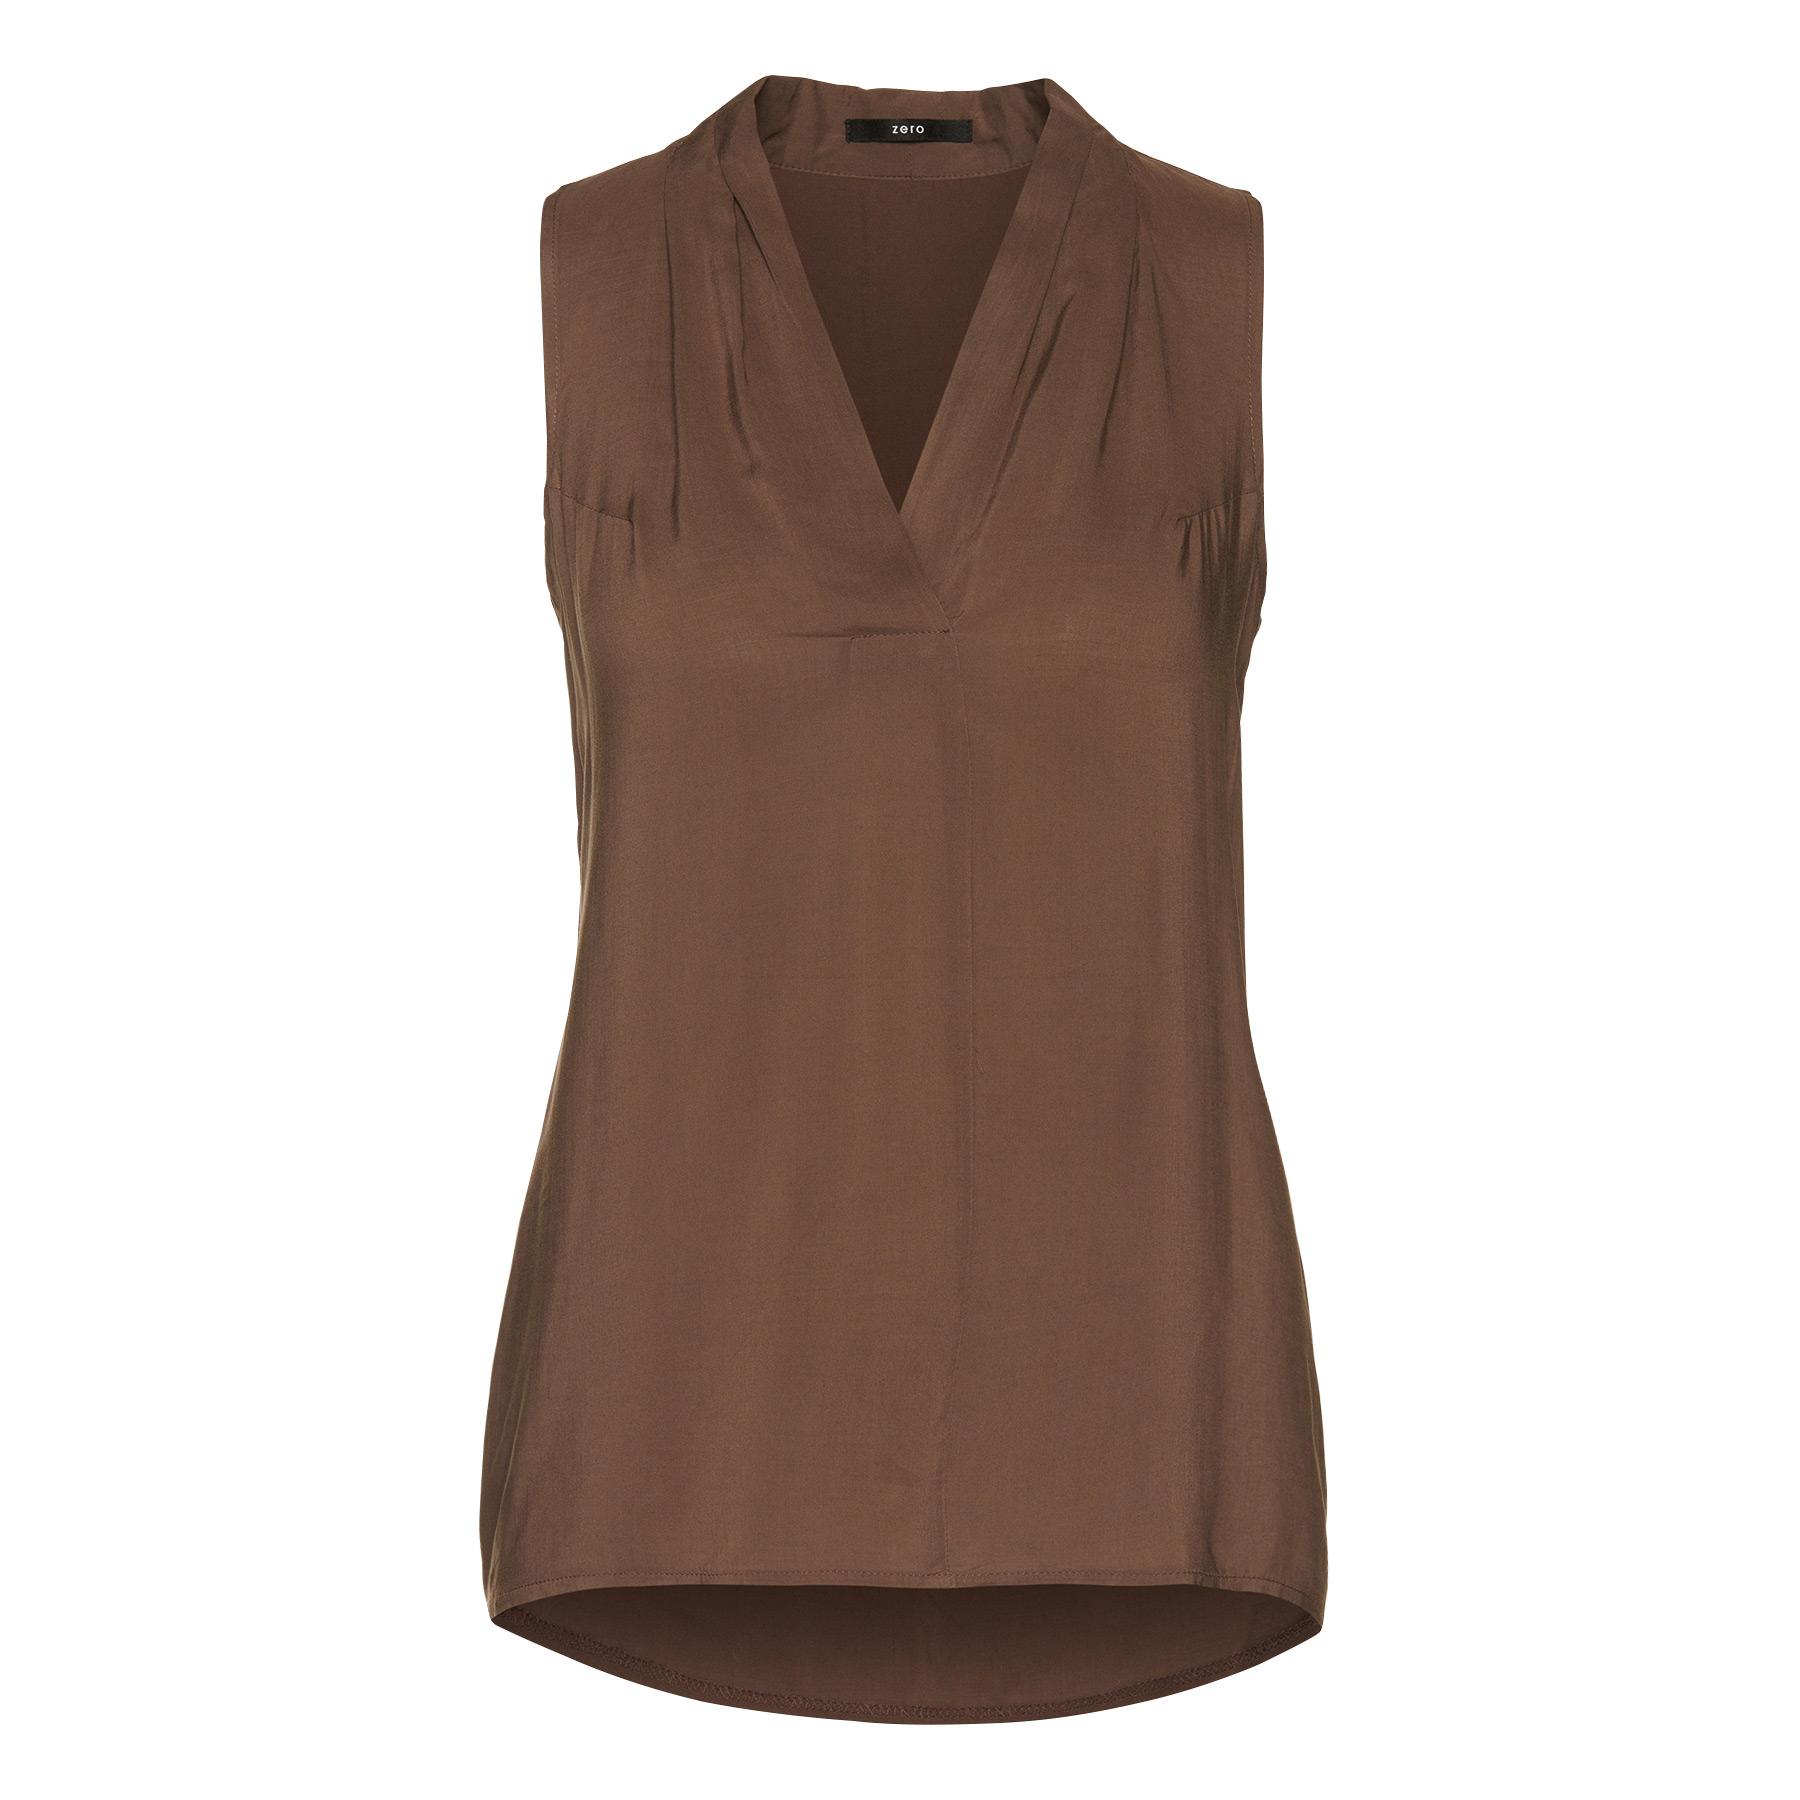 Bluse in längerer Schnittform nut brown